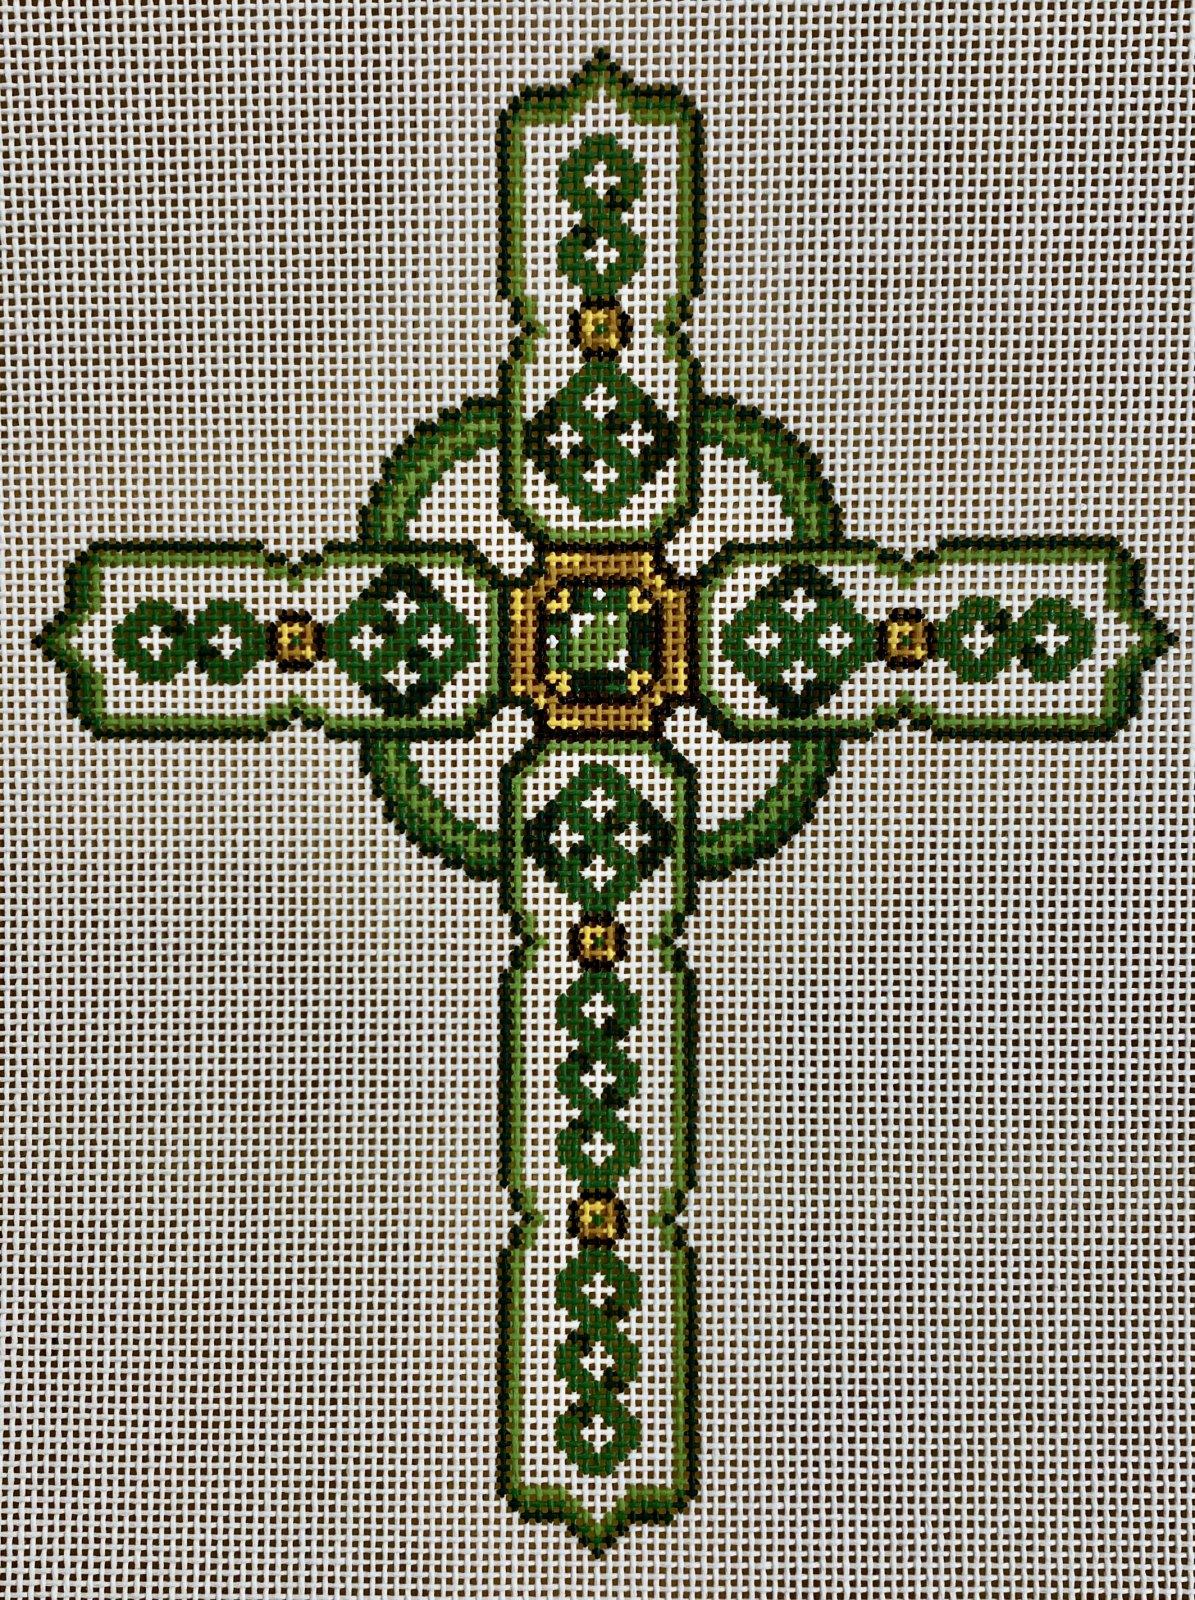 celtic cross - AO1225 C